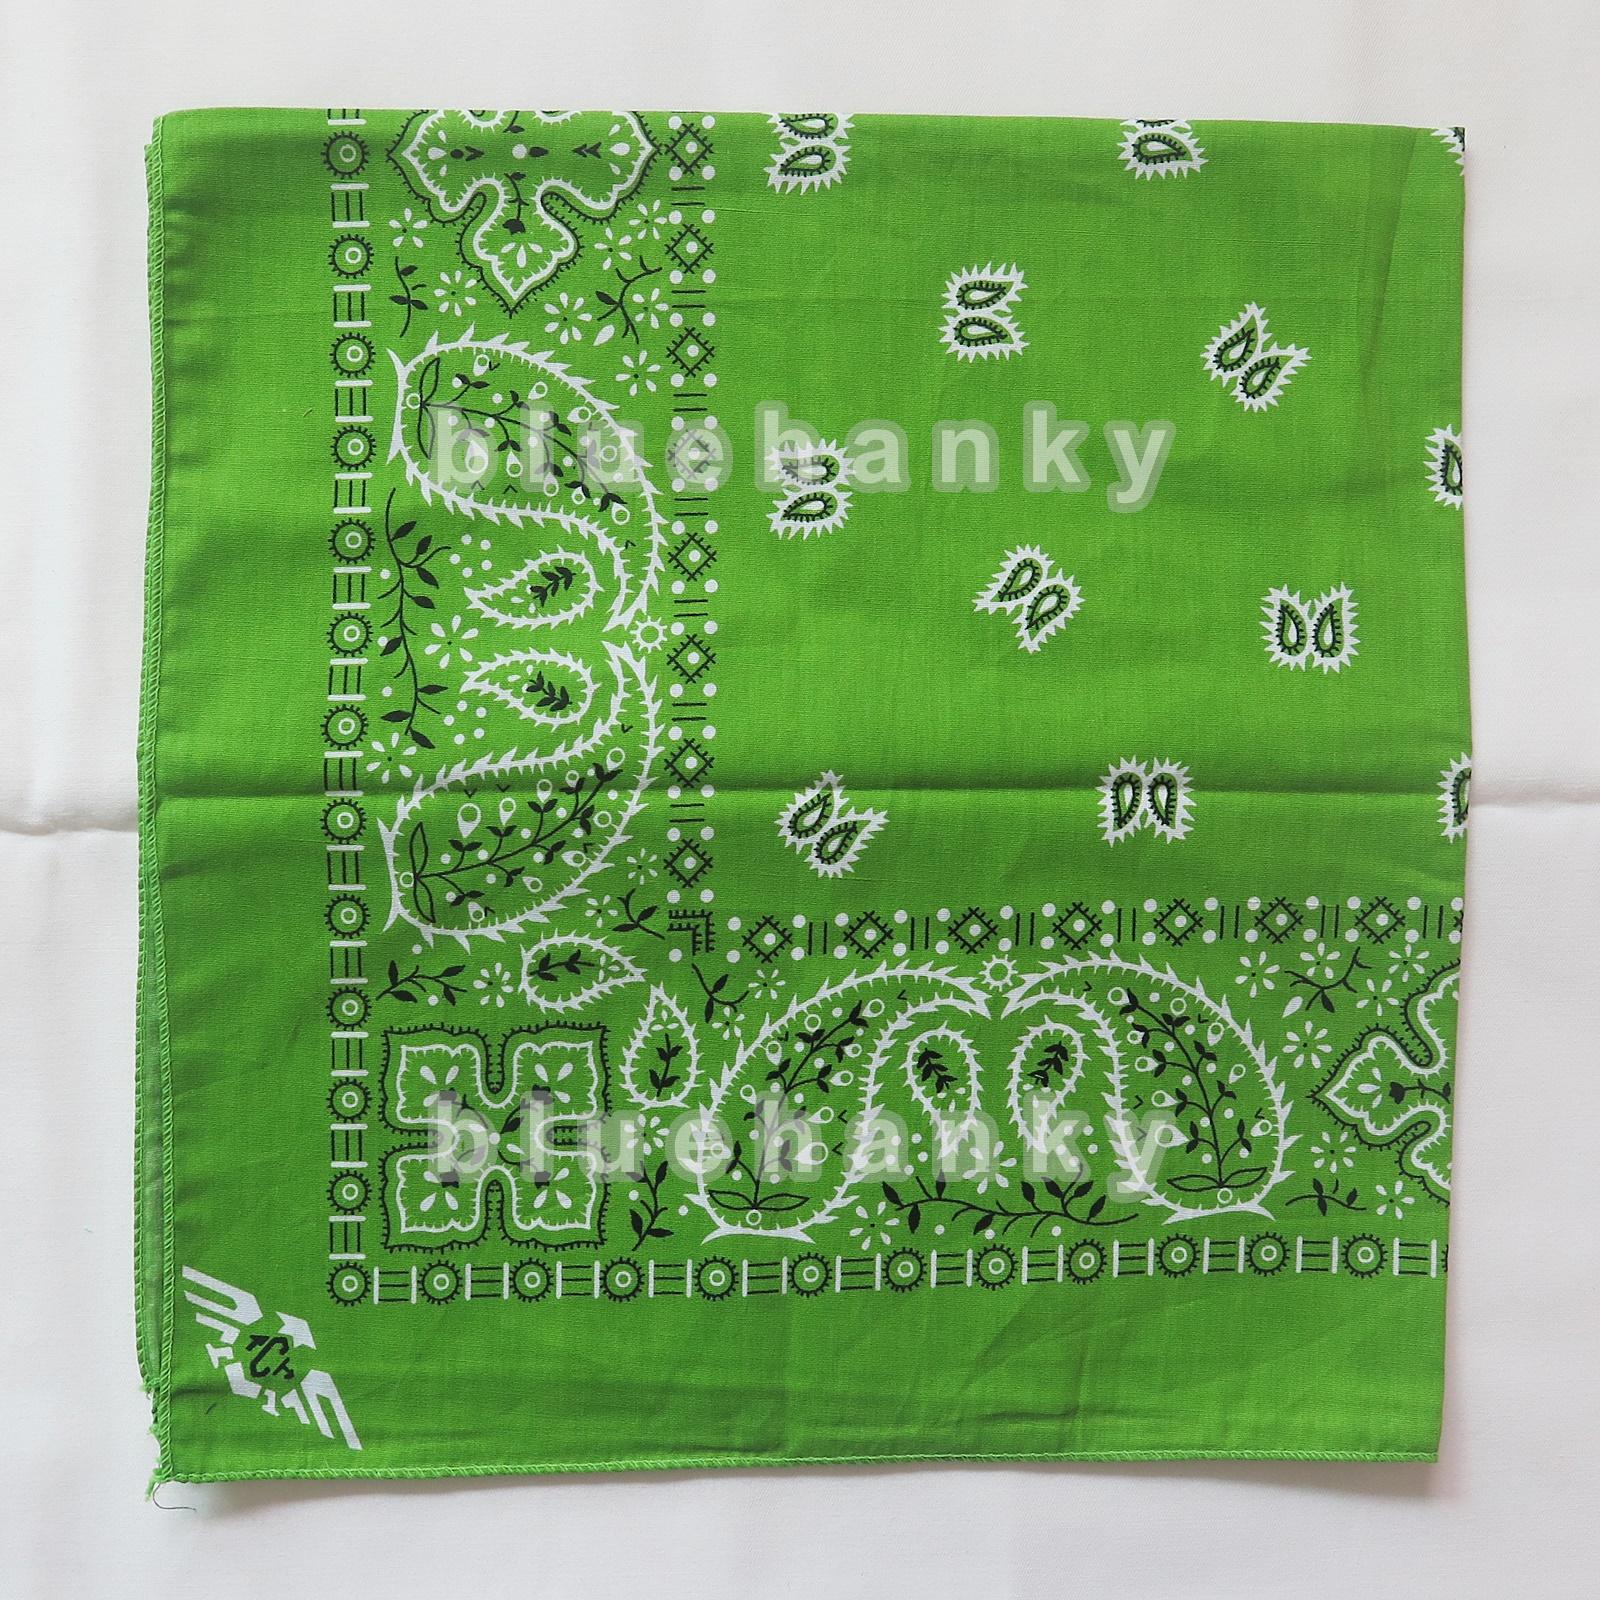 ผ้าพันคอBandannasไซส์บิ๊ก 28นิ้ว สีเขียว